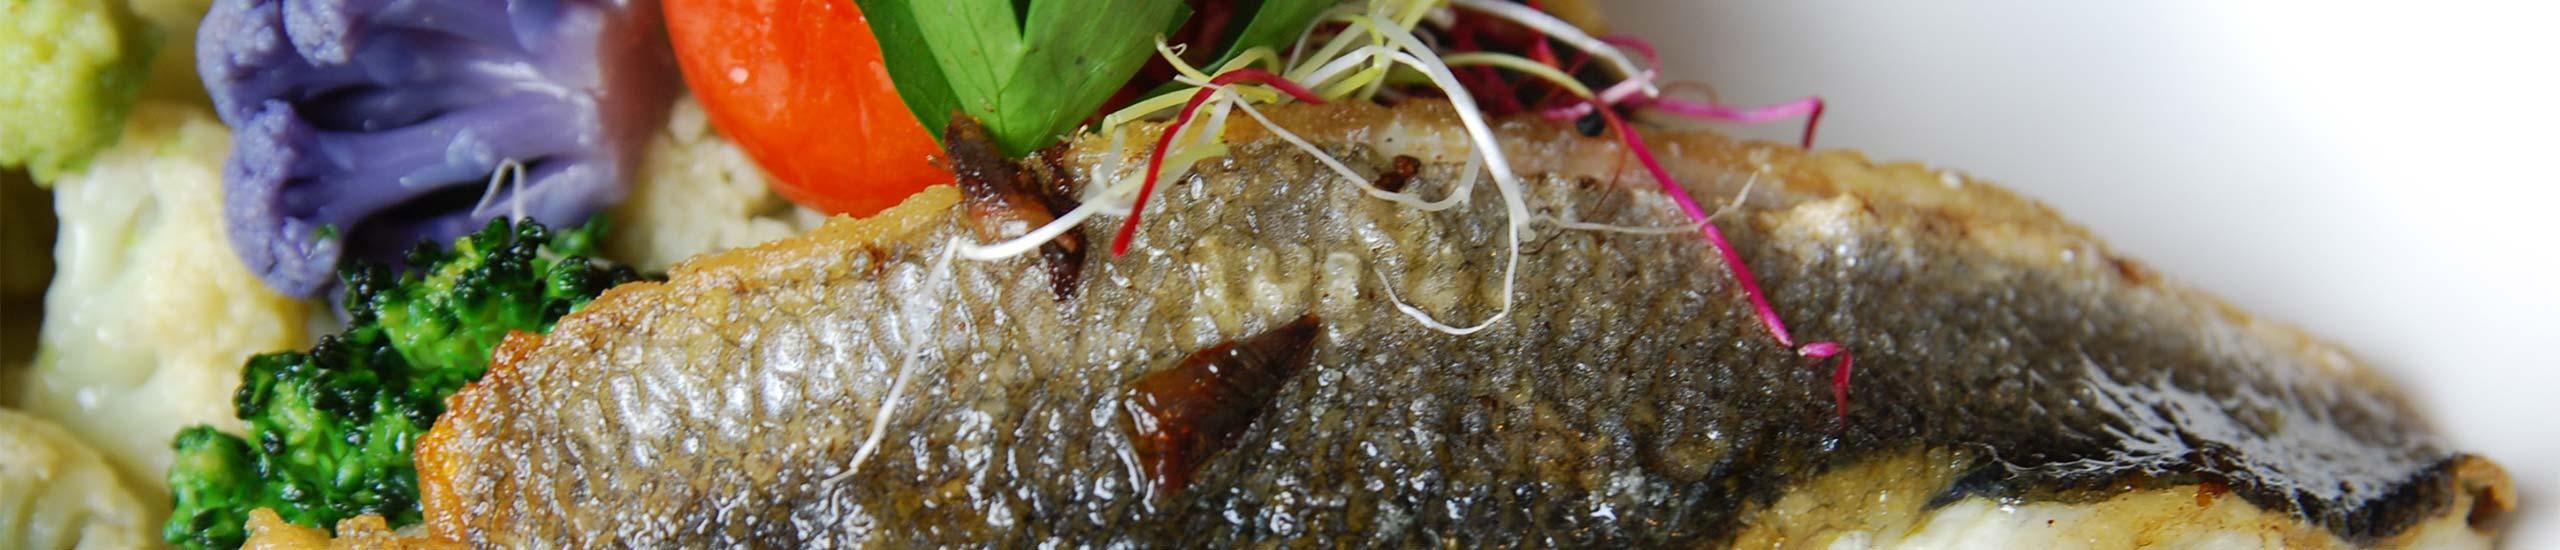 Gericht - Stint mit Gemüse